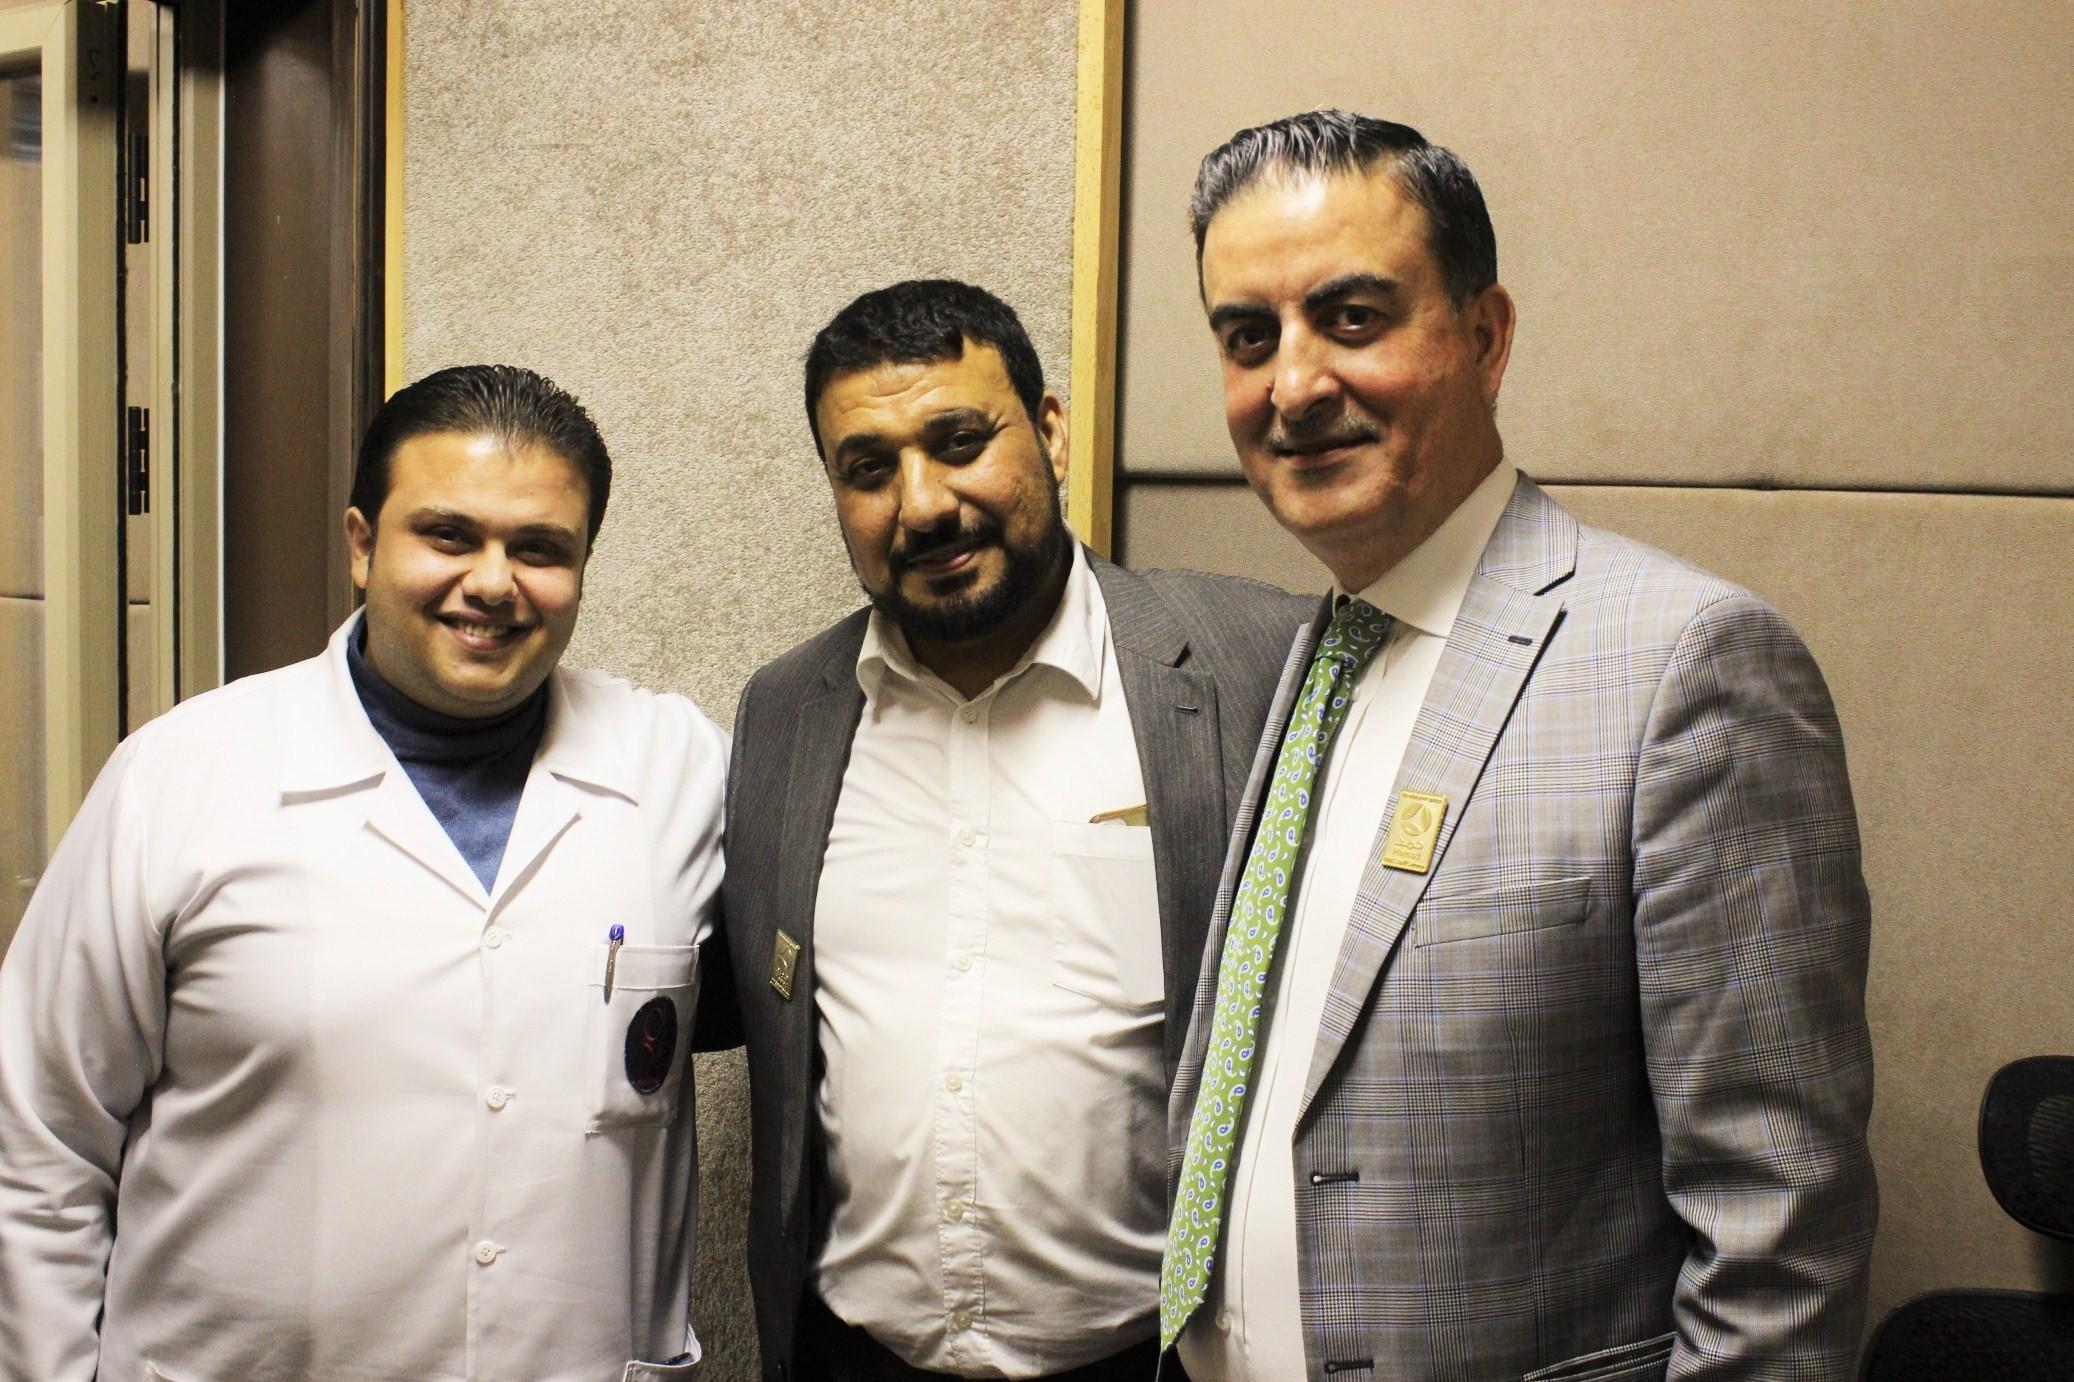 وفد من وزارة الصحة القطرية يصل غزة لافتتاح مستشفى الشيخ حمد